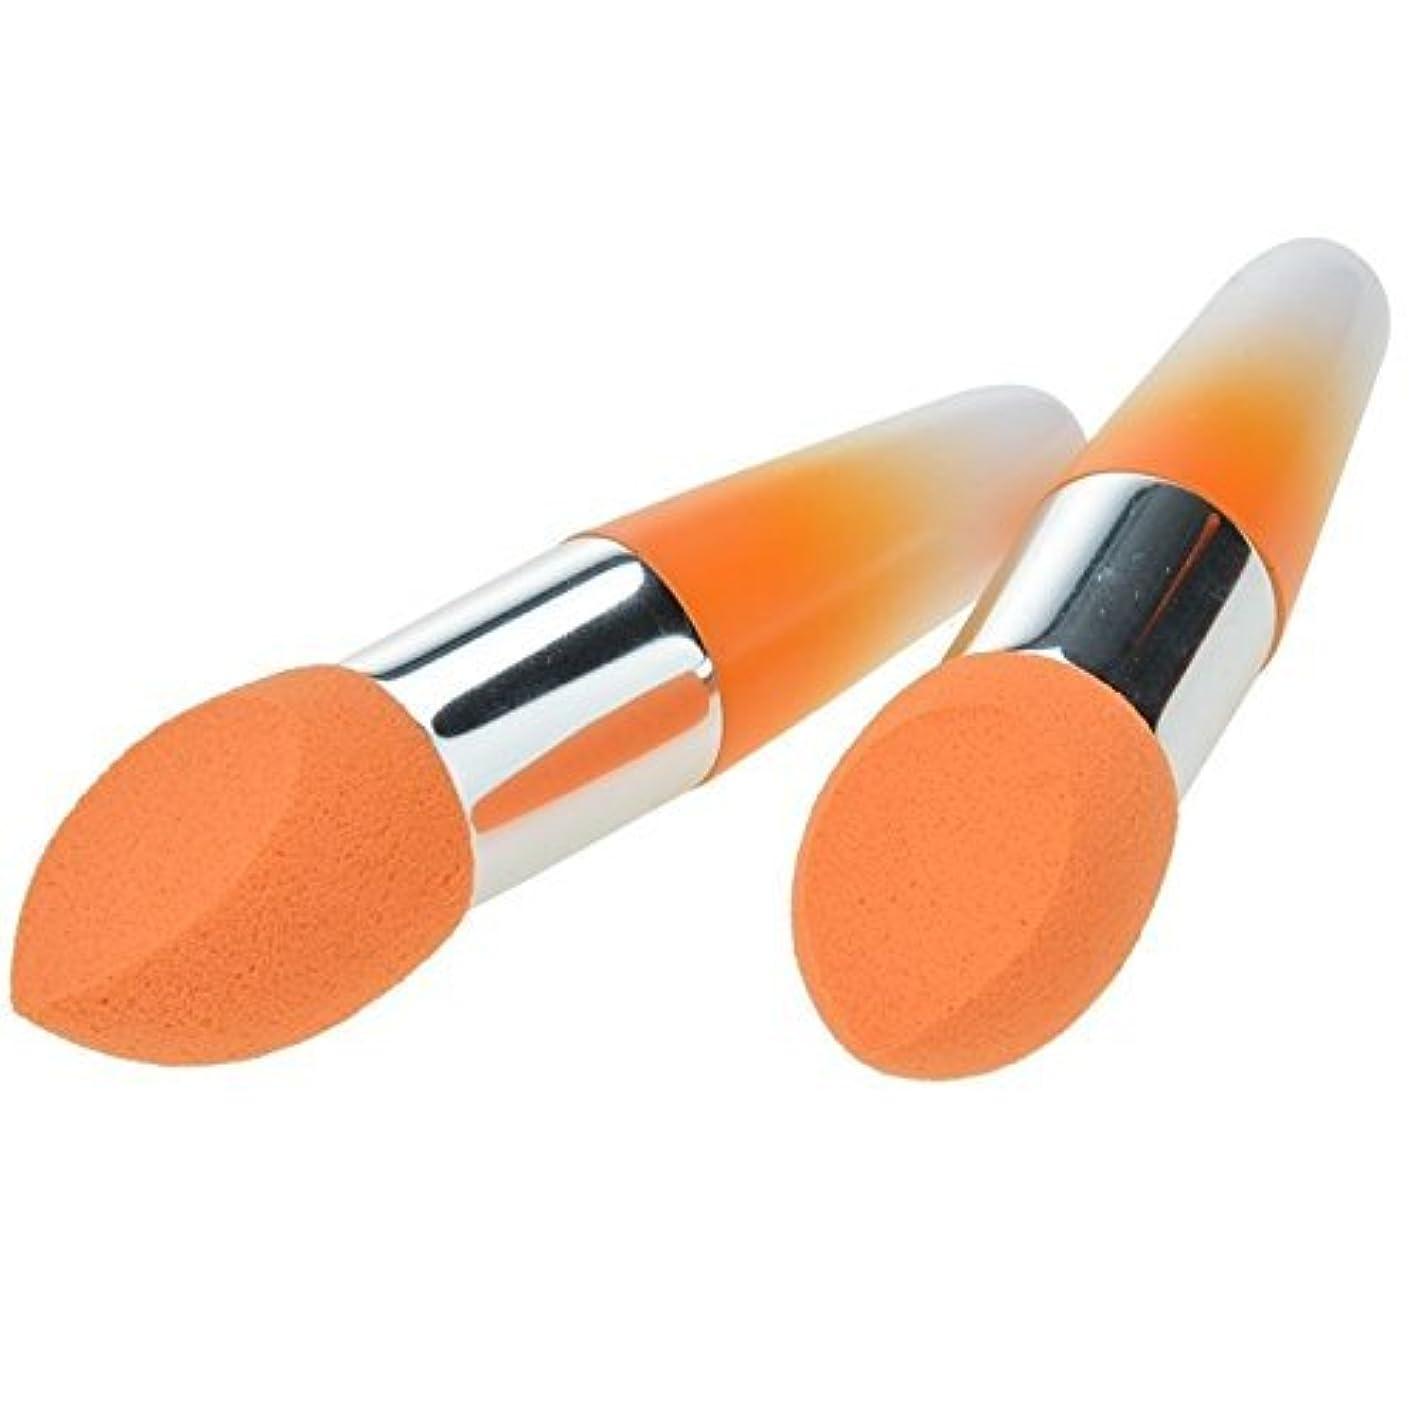 女性の化粧品化粧品液体ブラシファンデーションクリーム2個のロリポップコンシーラースポンジブラシセット